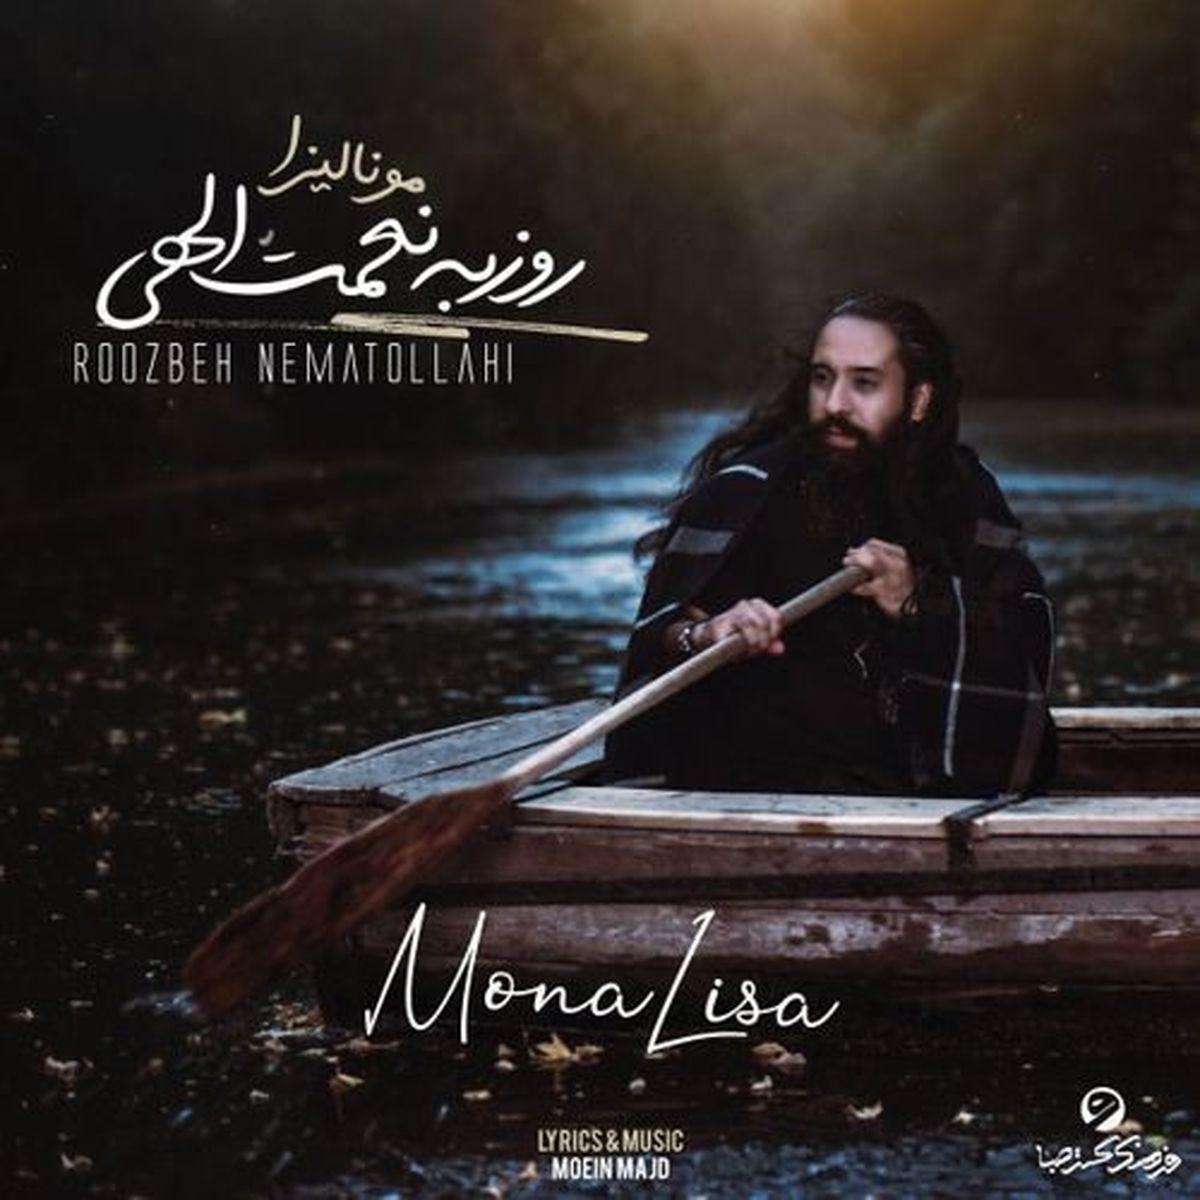 دانلود آهنگ جدید روزبه نعمت الهی به نام مونالیزا